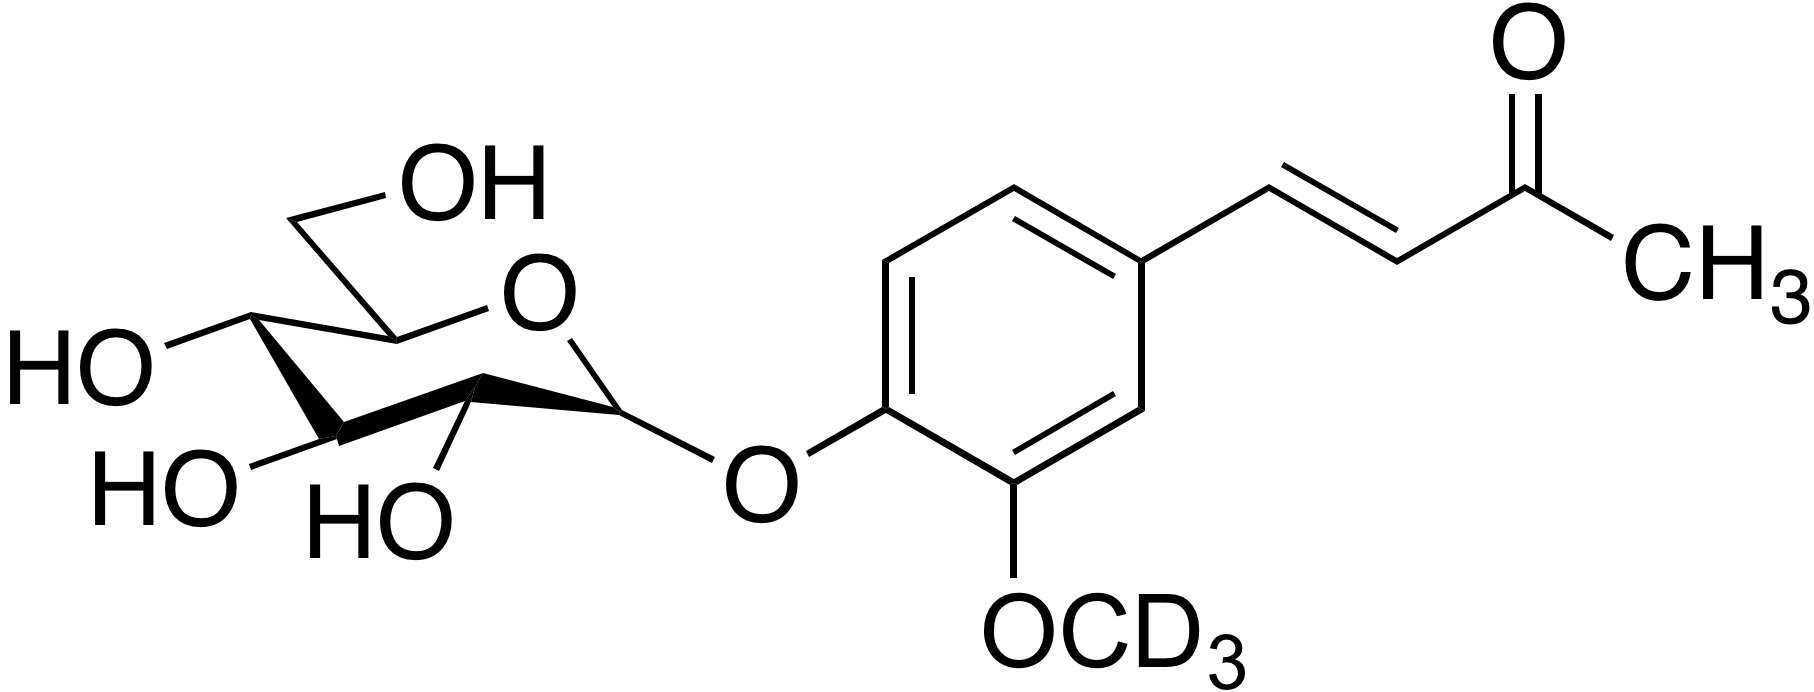 Dehydrozingerone-d<sub>3</sub> 4-O-β-D-glucopyranoside